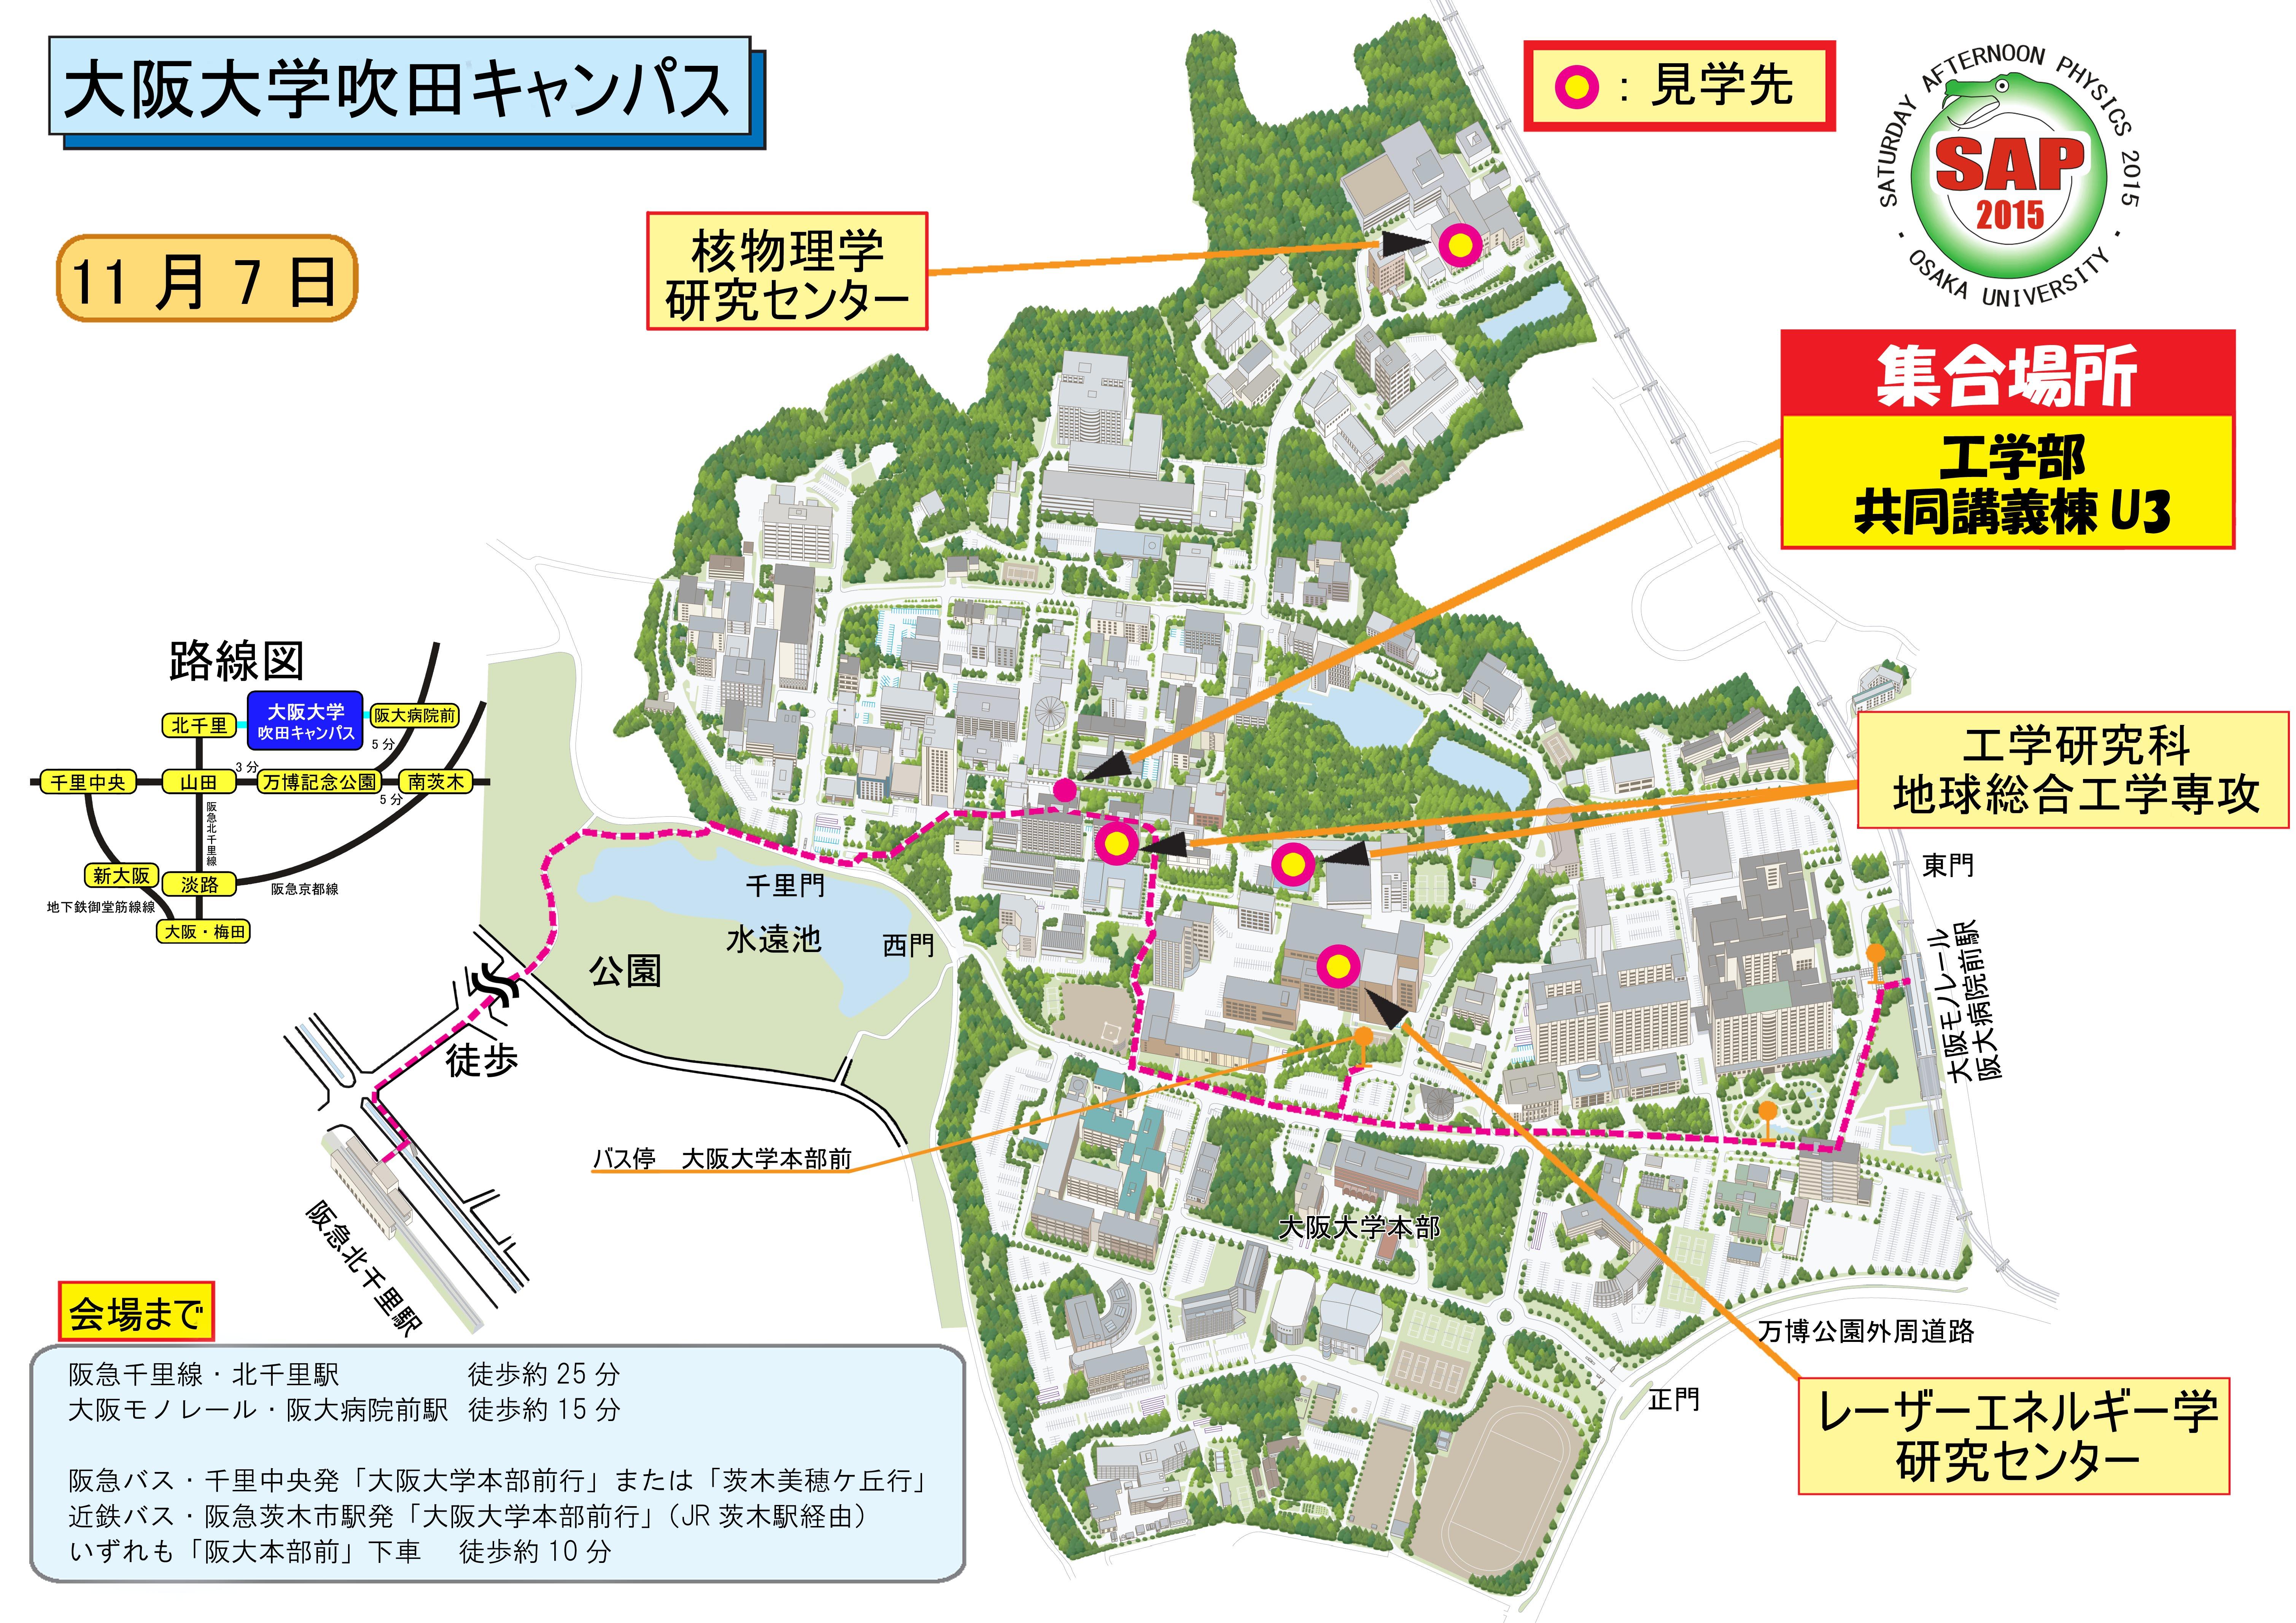 吹田キャンパスのアクセス